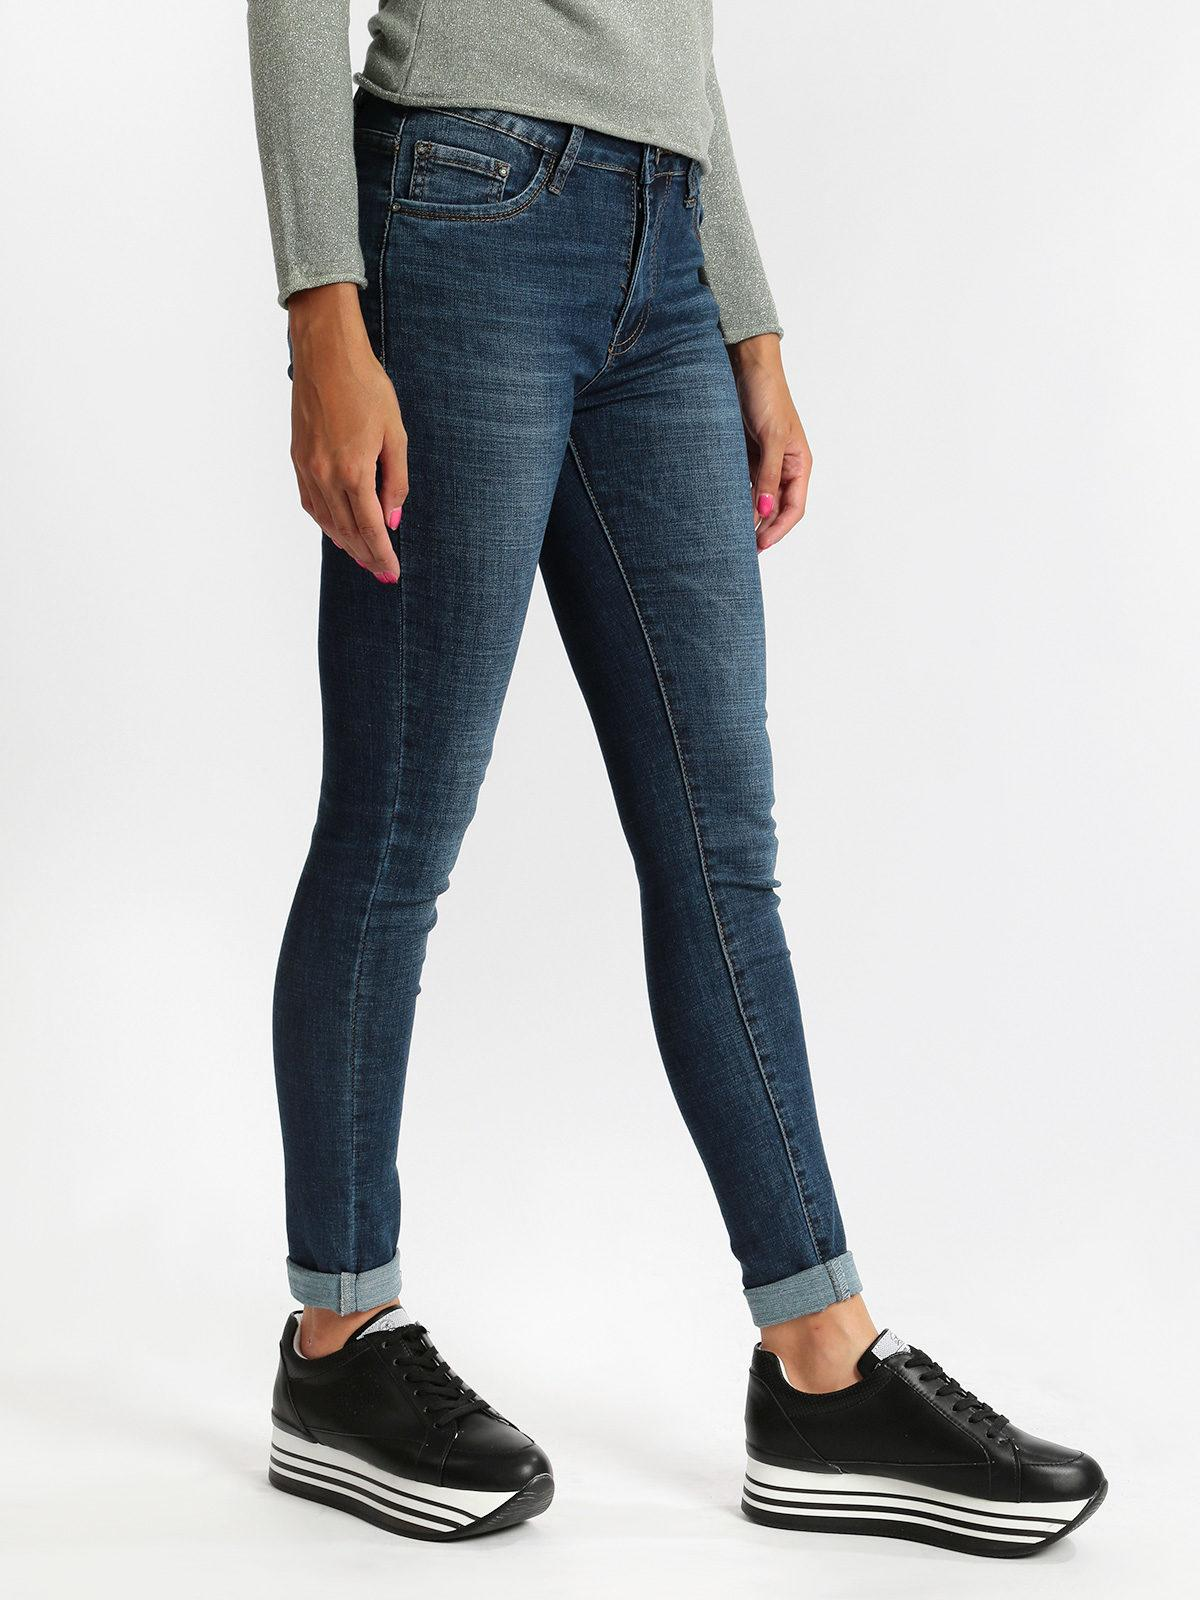 bello economico metà prezzo marchio famoso Jeans skinny a vita alta shiny design | MecShopping